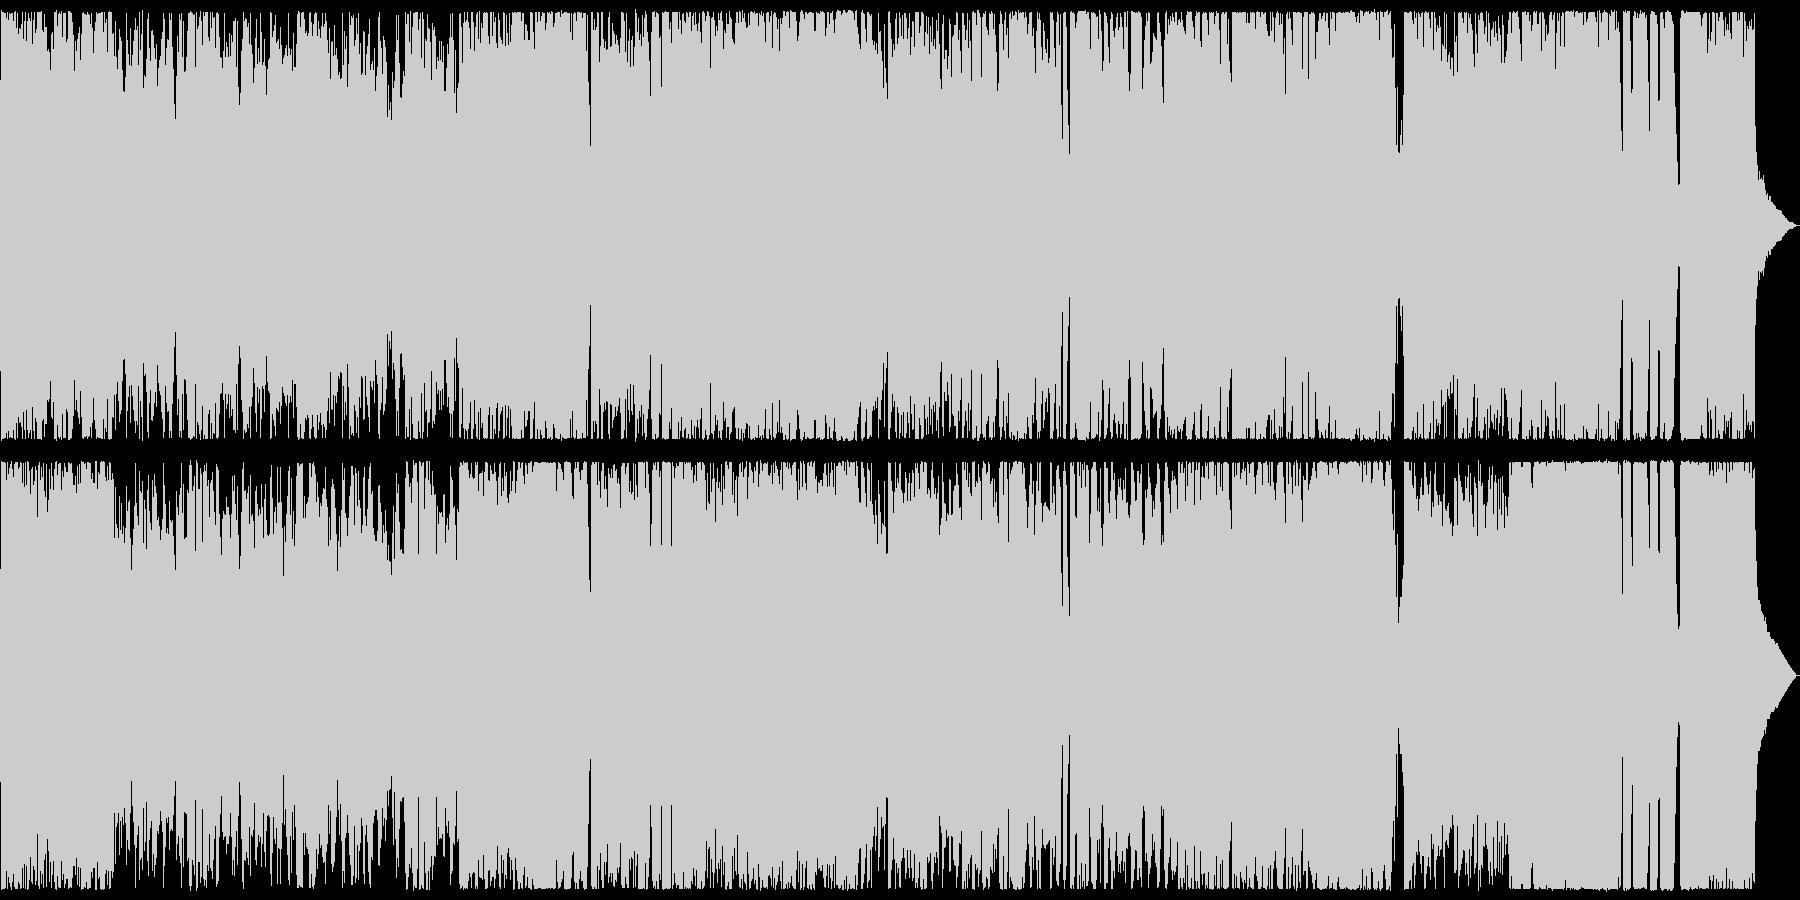 アニメ風の元気の良いBGMの未再生の波形